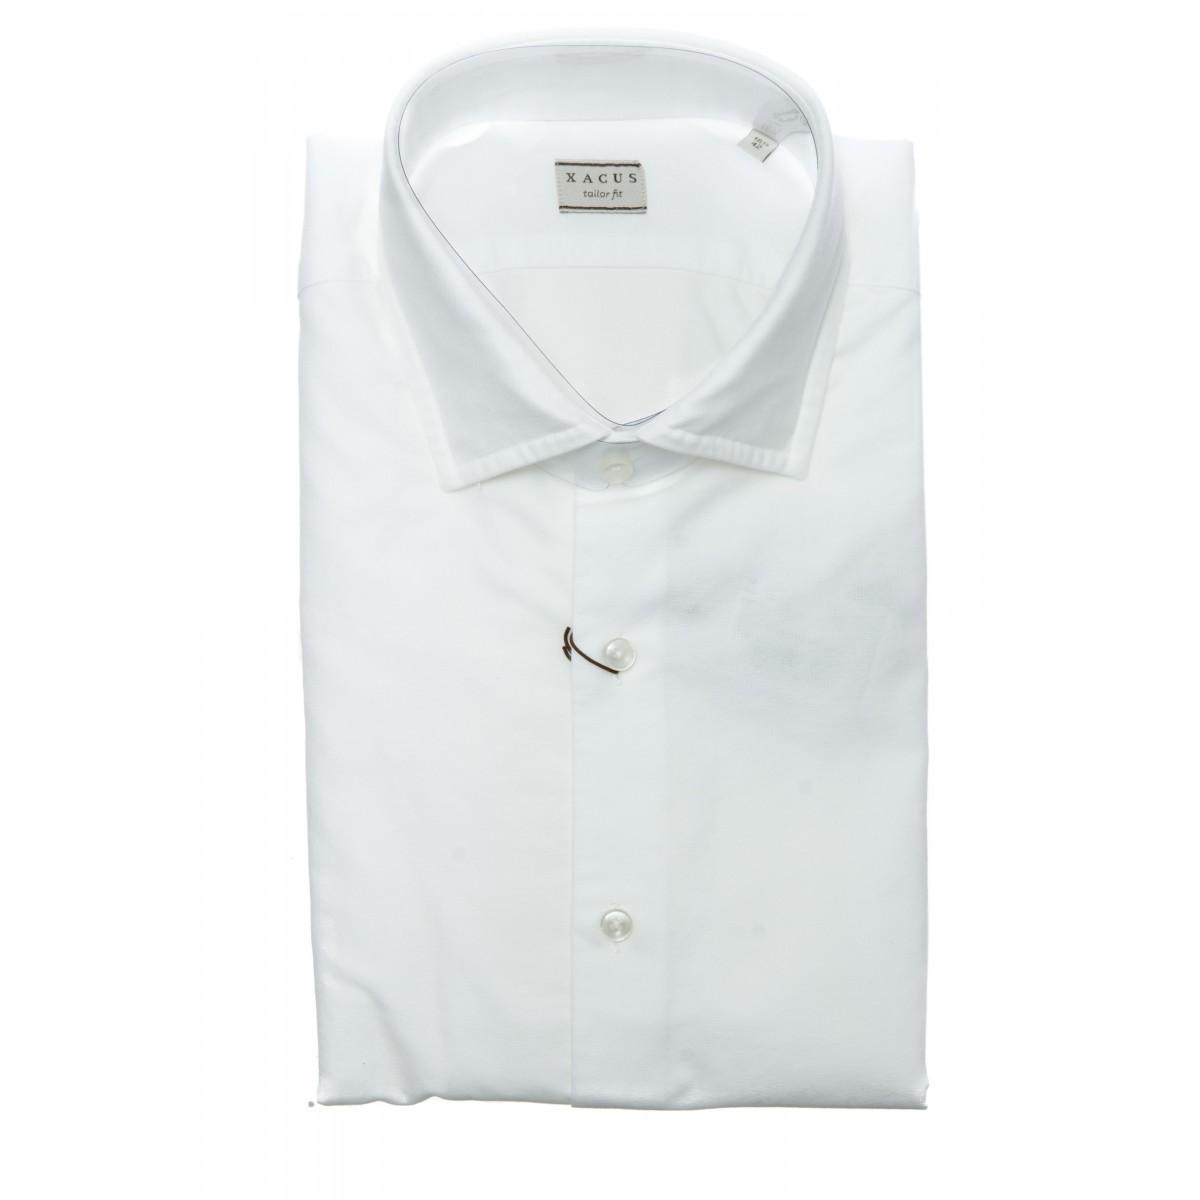 Camicia uomo - 748 11285 camicia lavata oxford